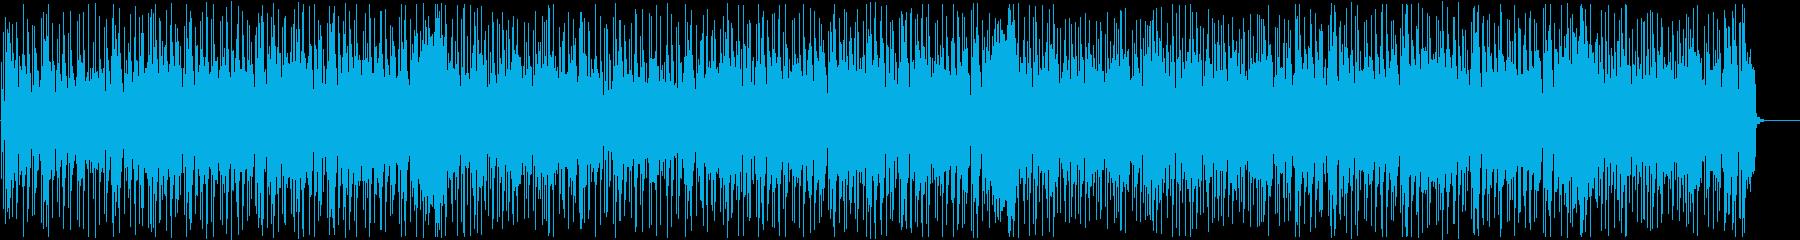 リズミカルで陽気なファンクリズム ブラスの再生済みの波形